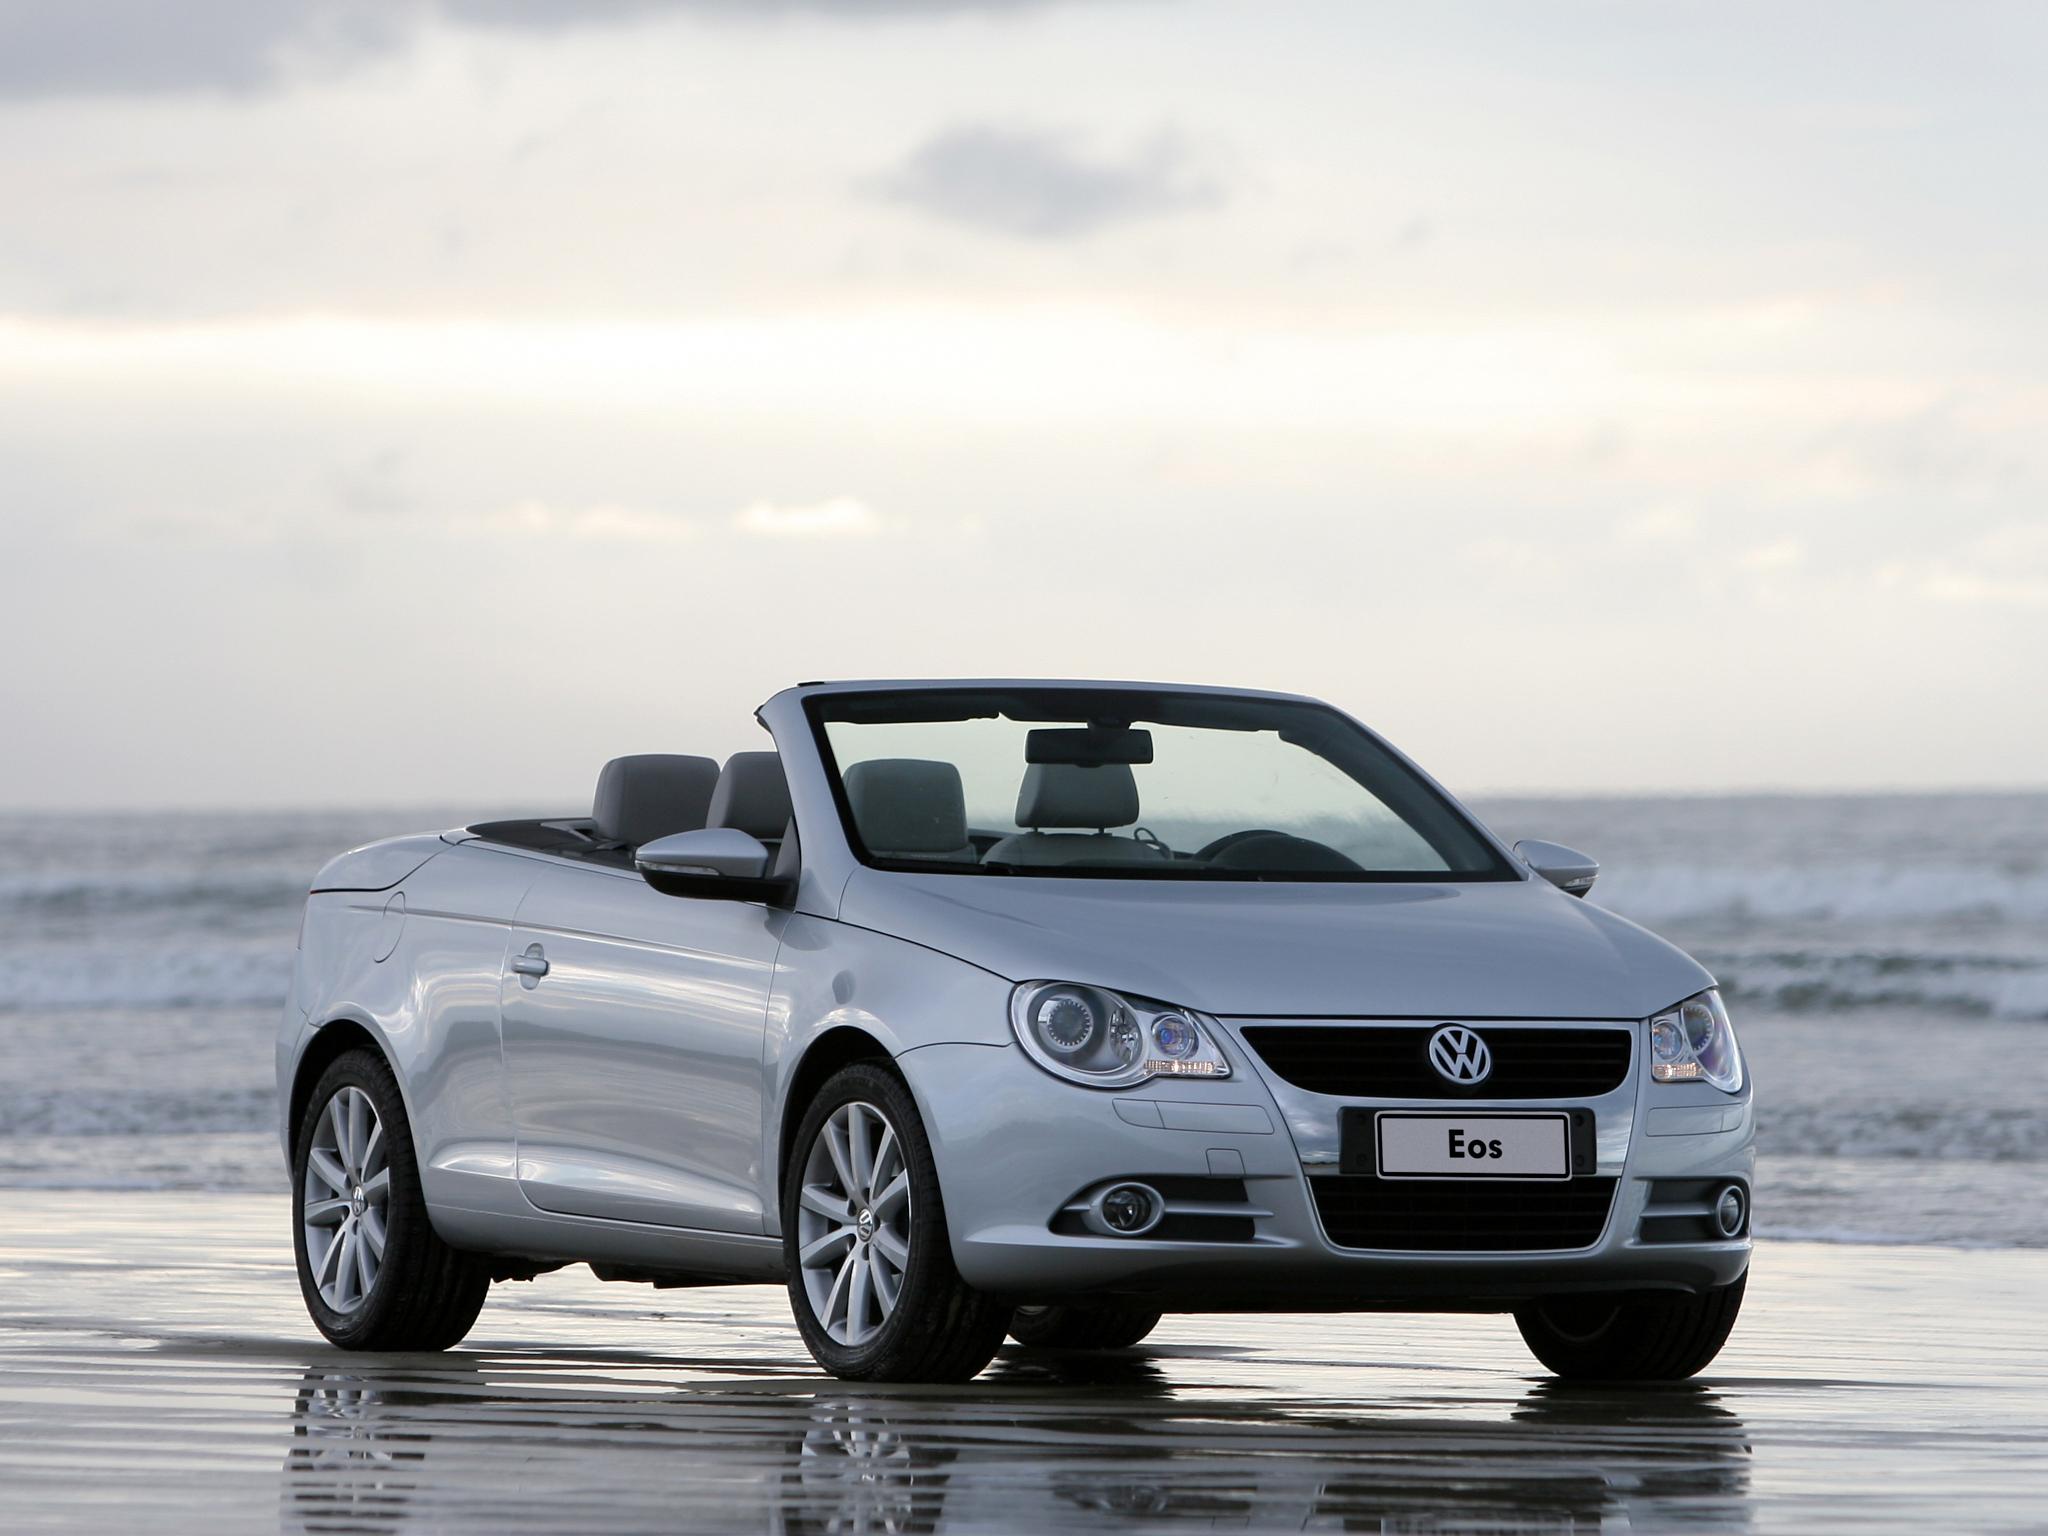 Volkswagen Eos é um dos carros conversíveis mais raros do país, pois foi vendido por apenas um ano e meio